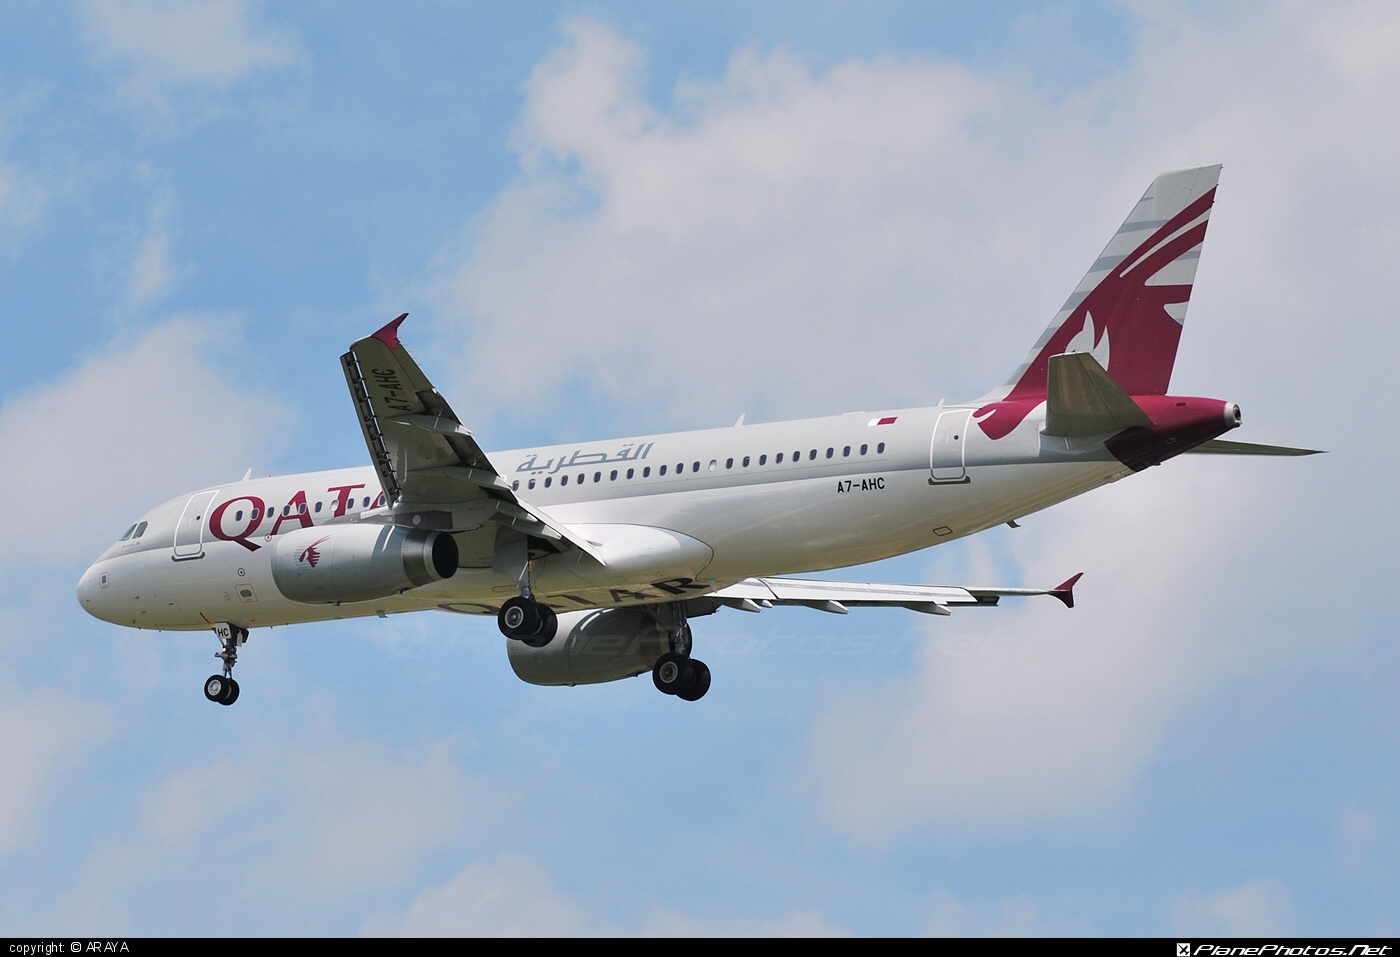 Airbus A320-232 - A7-AHC operated by Qatar Airways #a320 #a320family #airbus #airbus320 #qatarairways